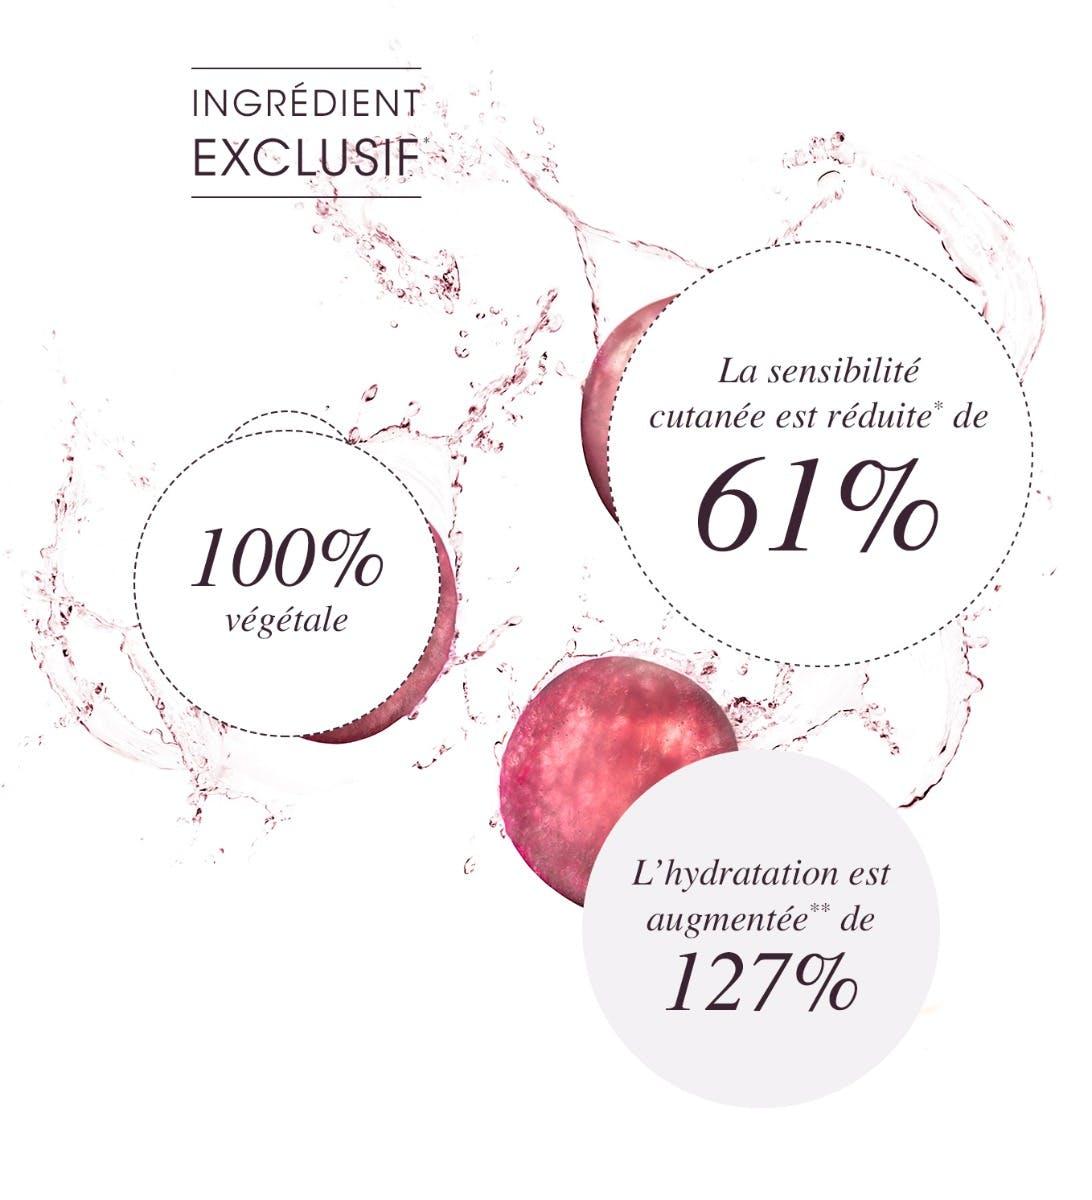 Eau de raisin - Une efficacité prouvée